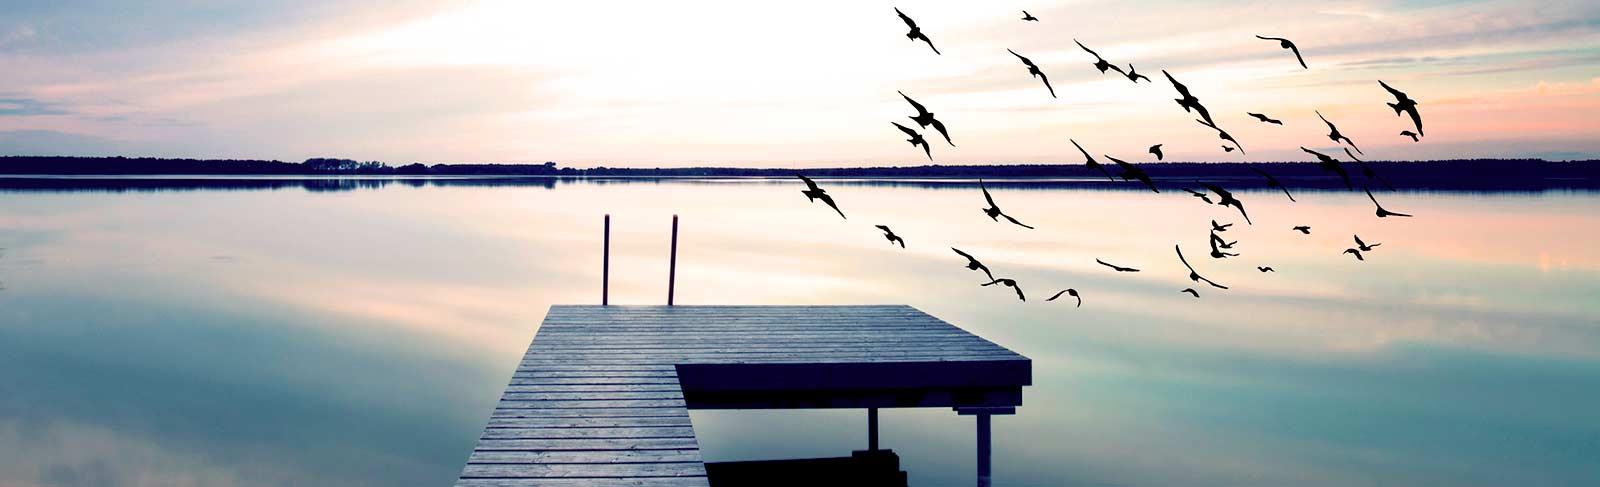 Steg am Wasser und fliegende Vögel